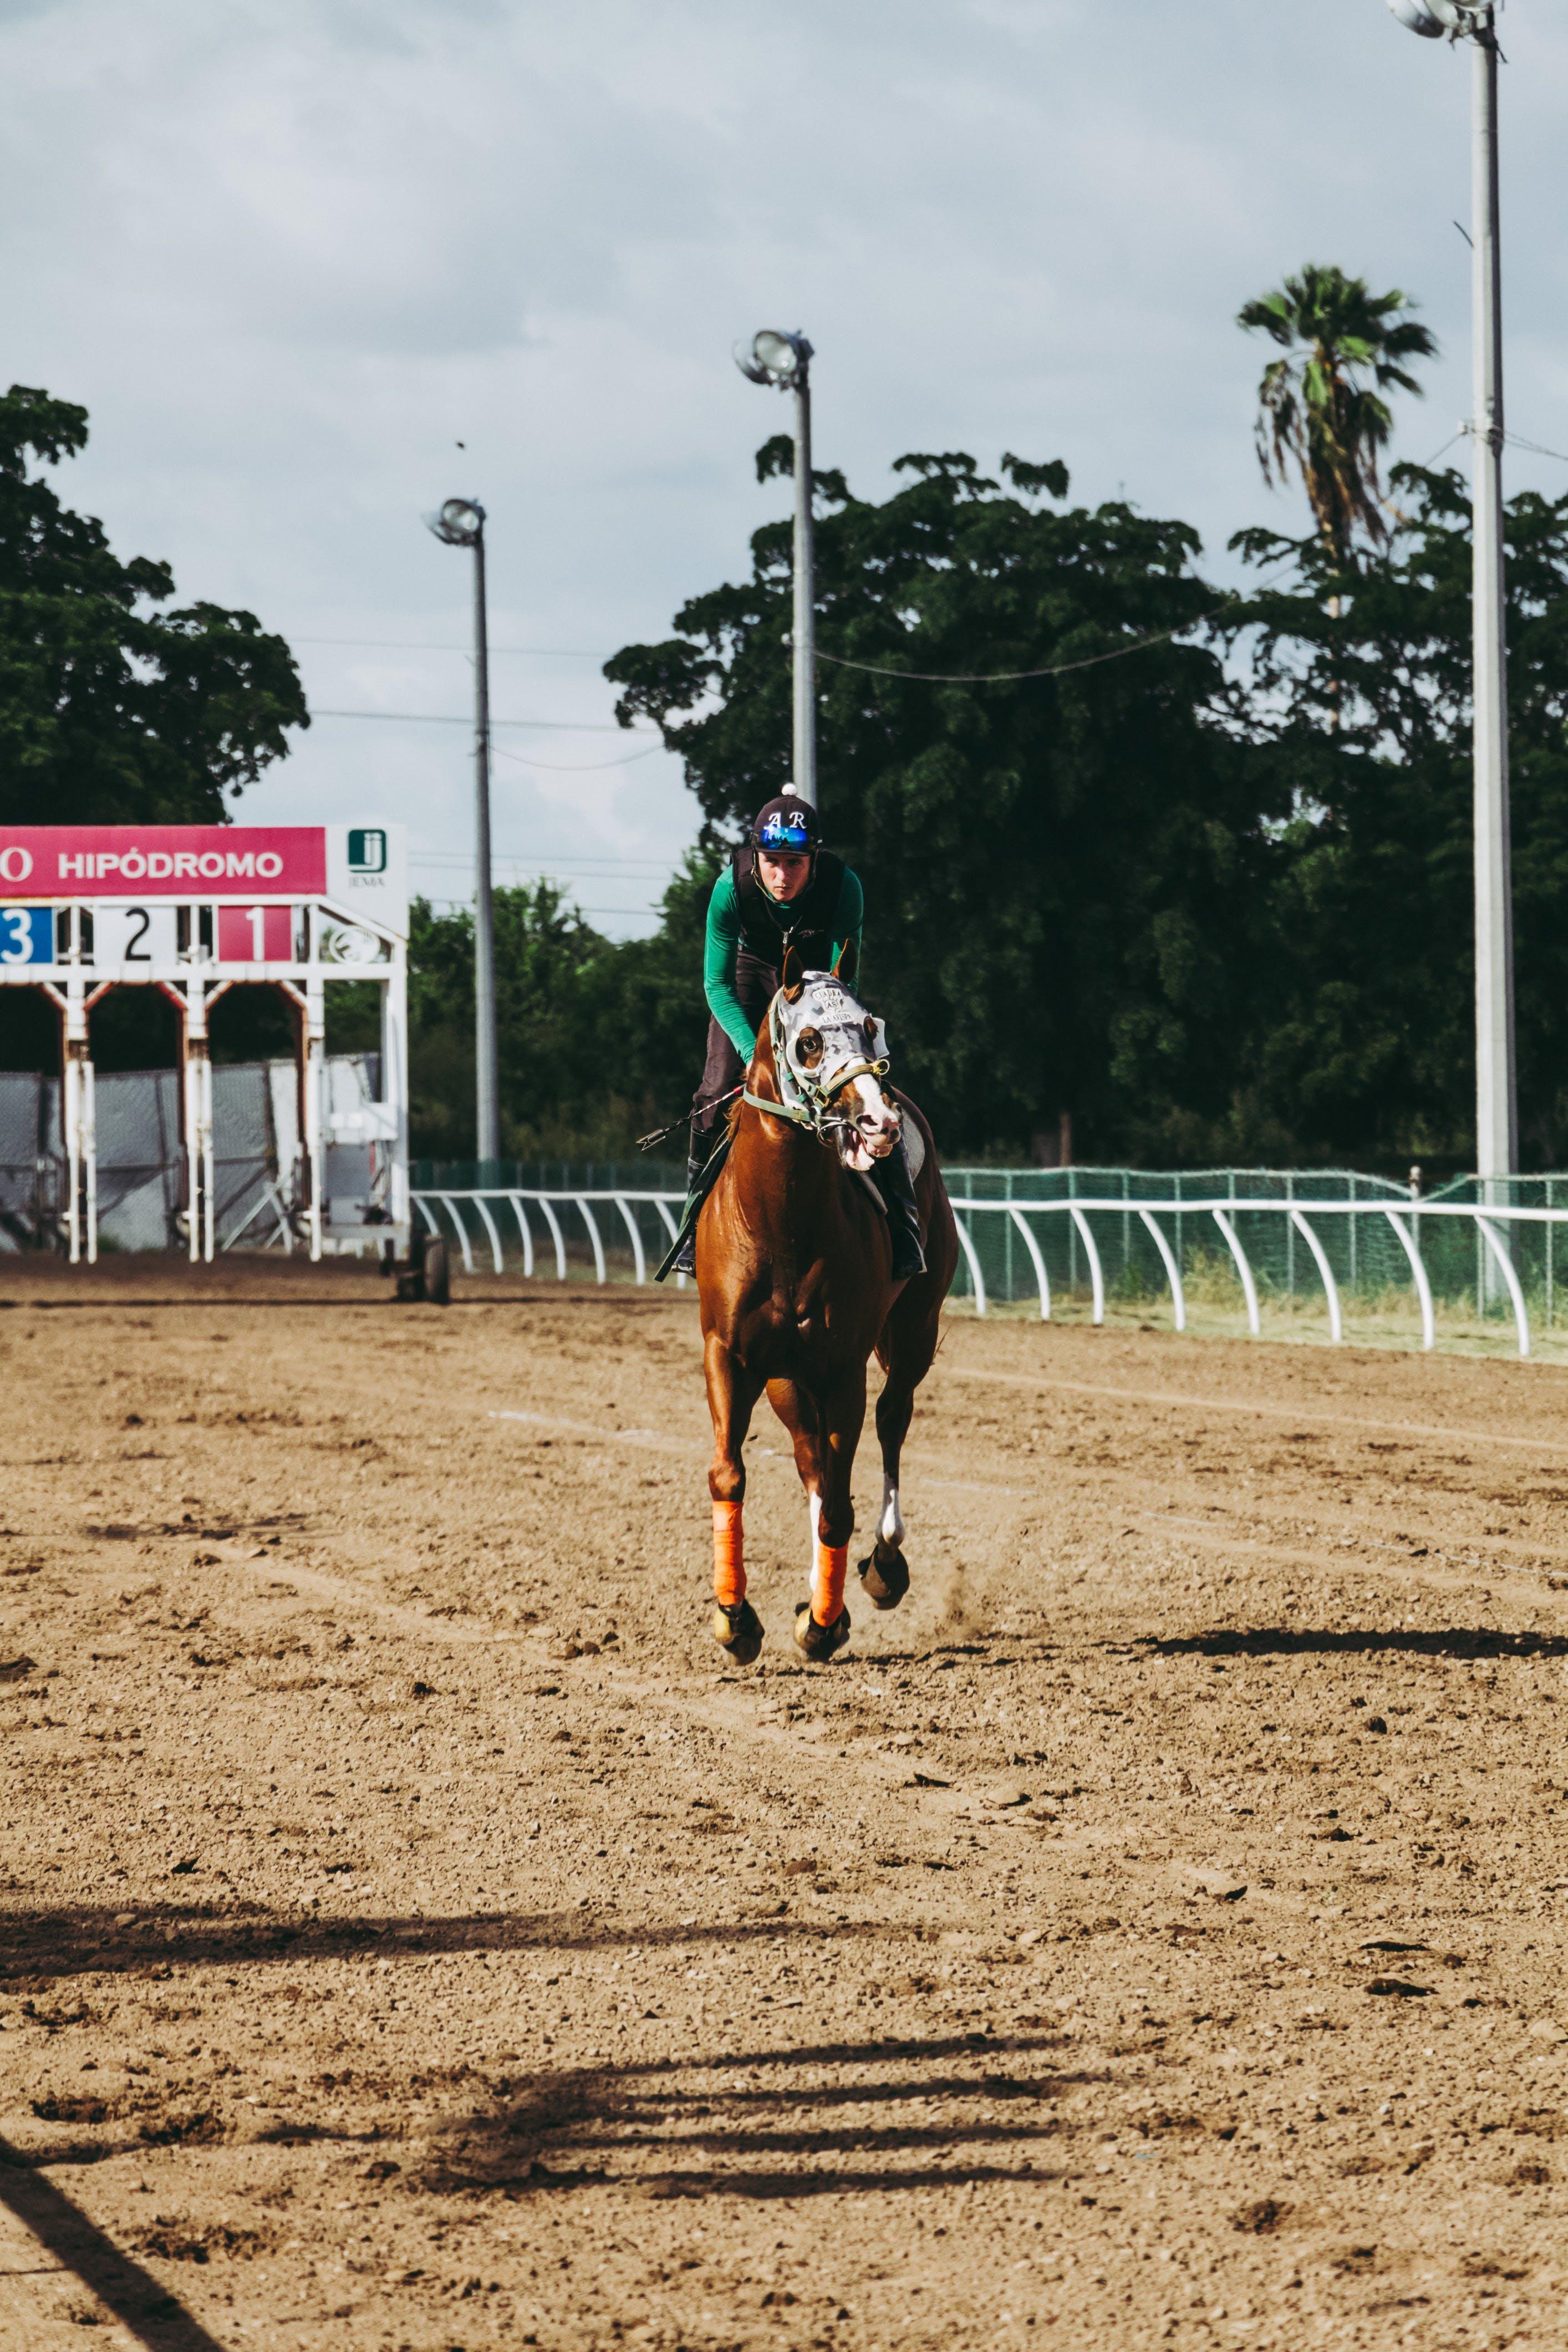 Fotos de stock gratuitas de acción, adulto, atleta, caballería